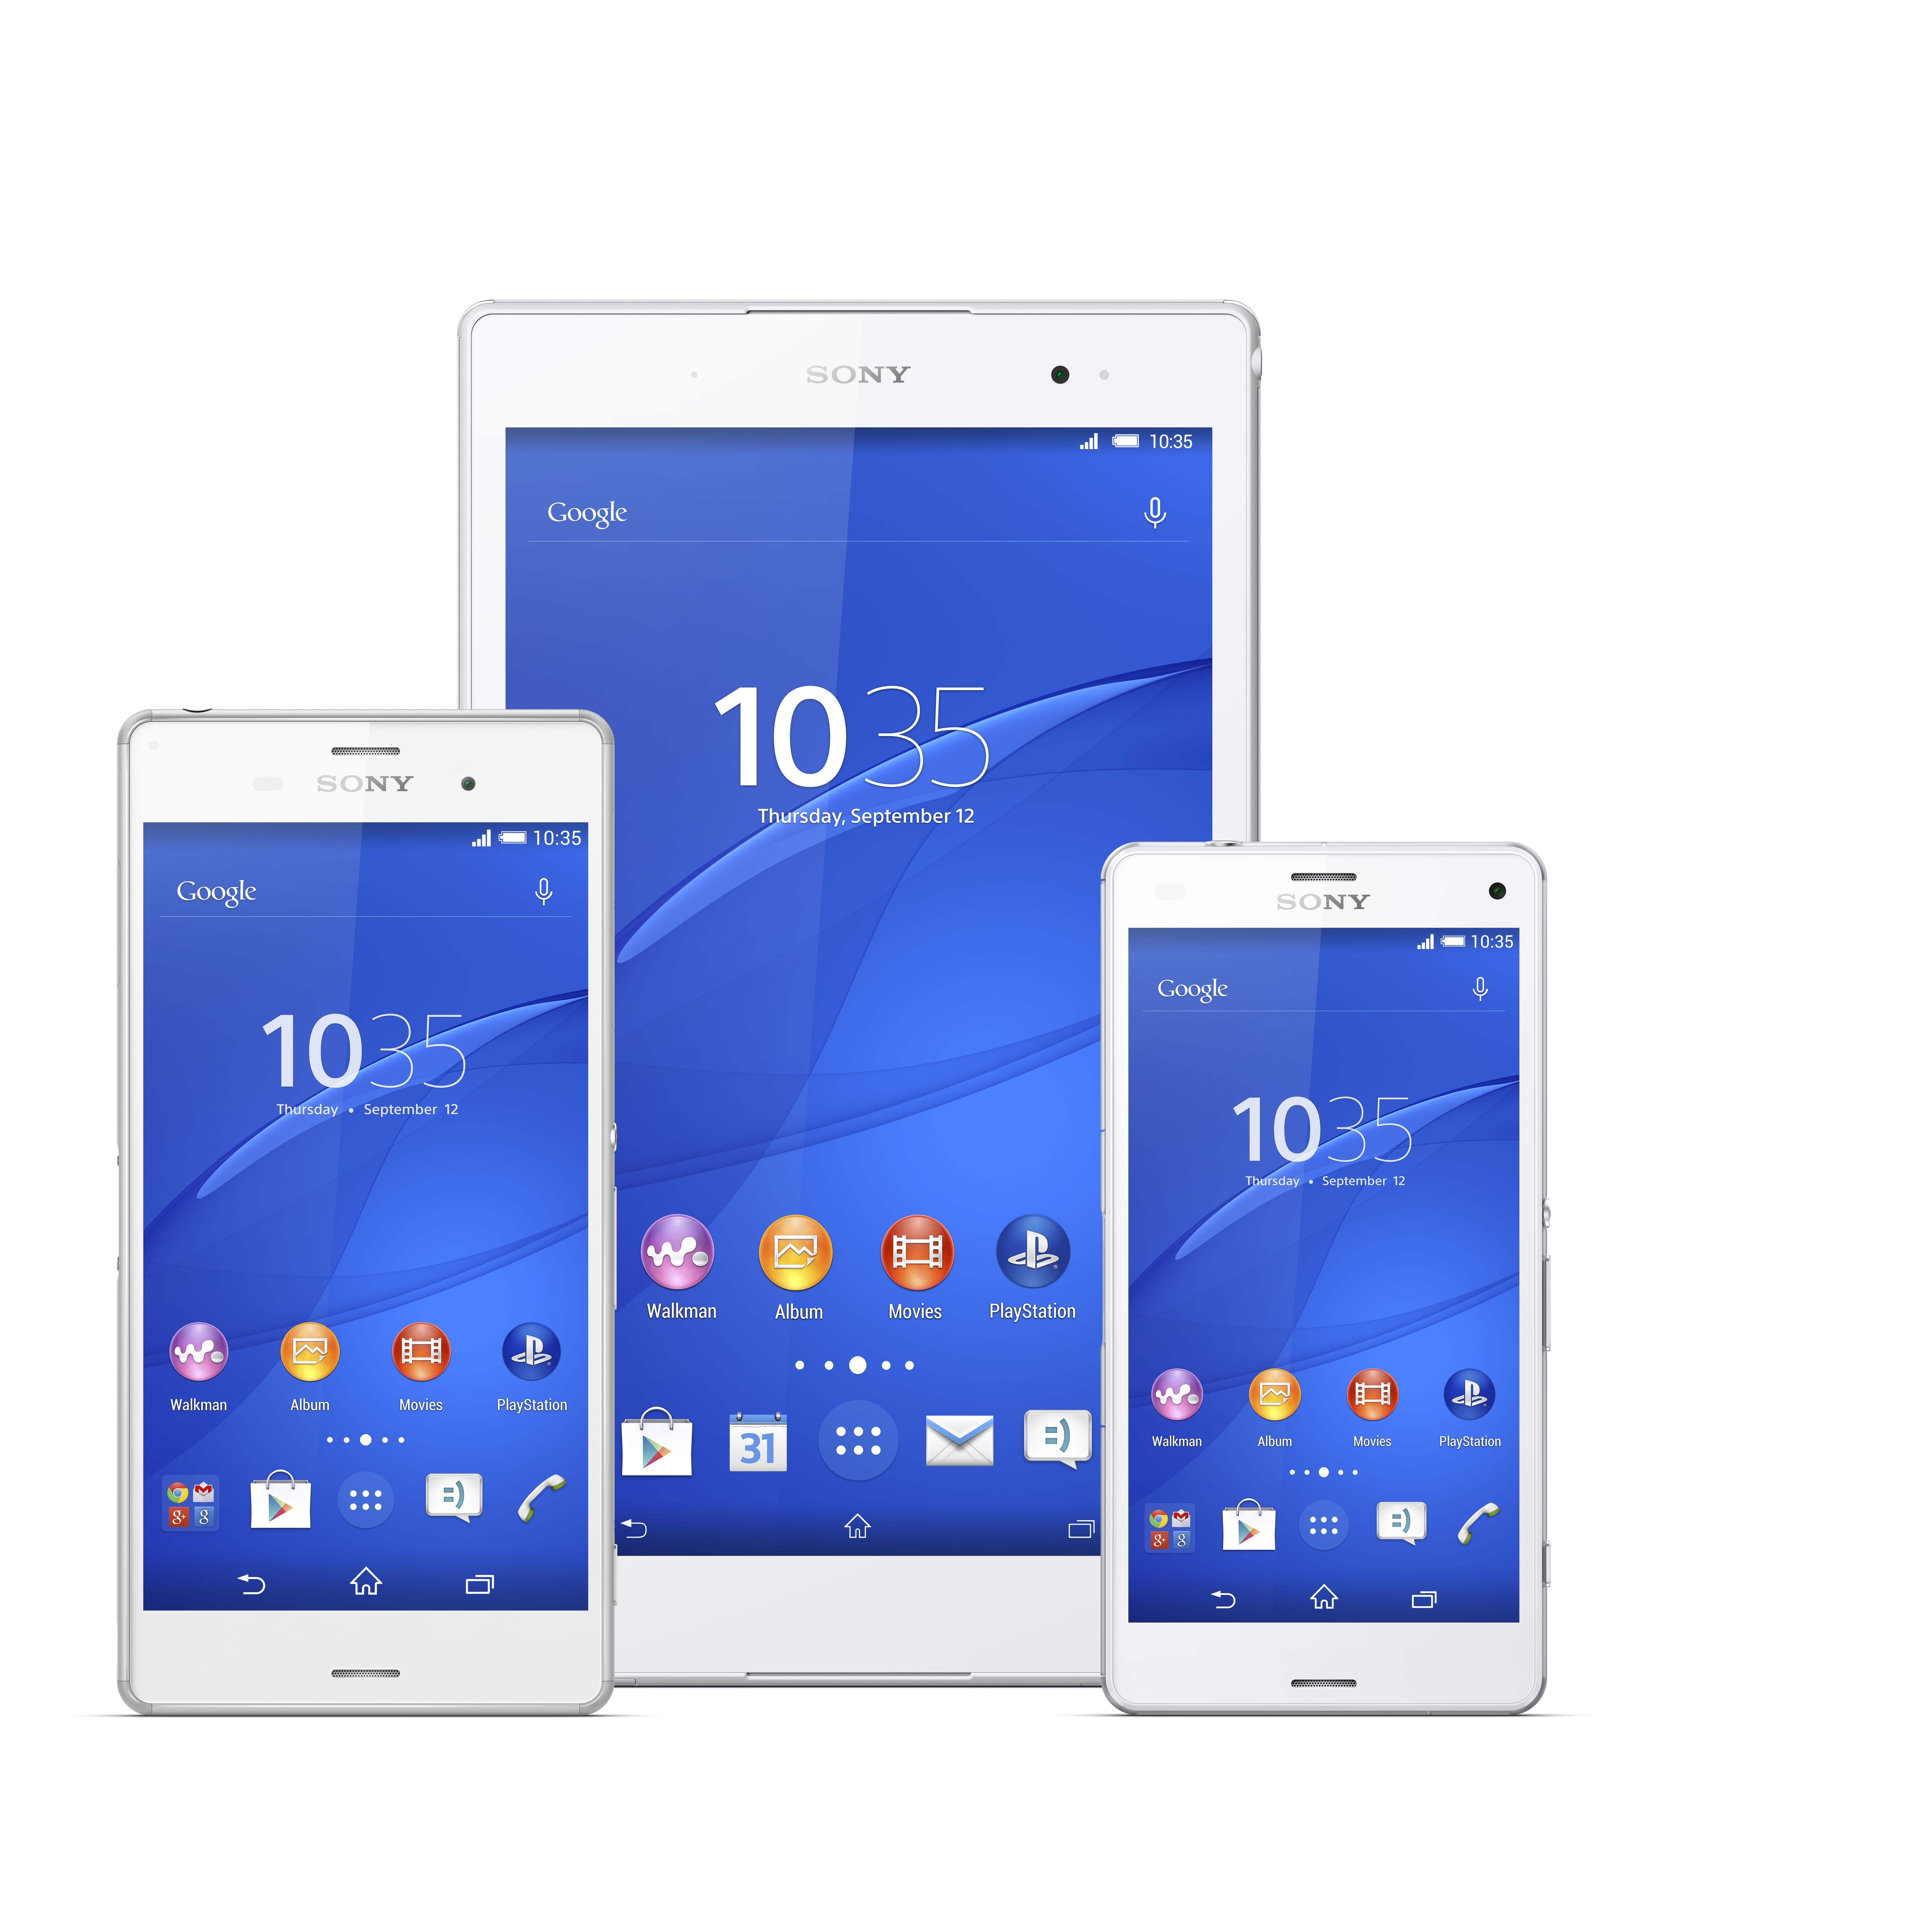 Sony dévoile la gamme Xperia Z3 : Z3, Z3 Compact et la Z3 Tablet Compact